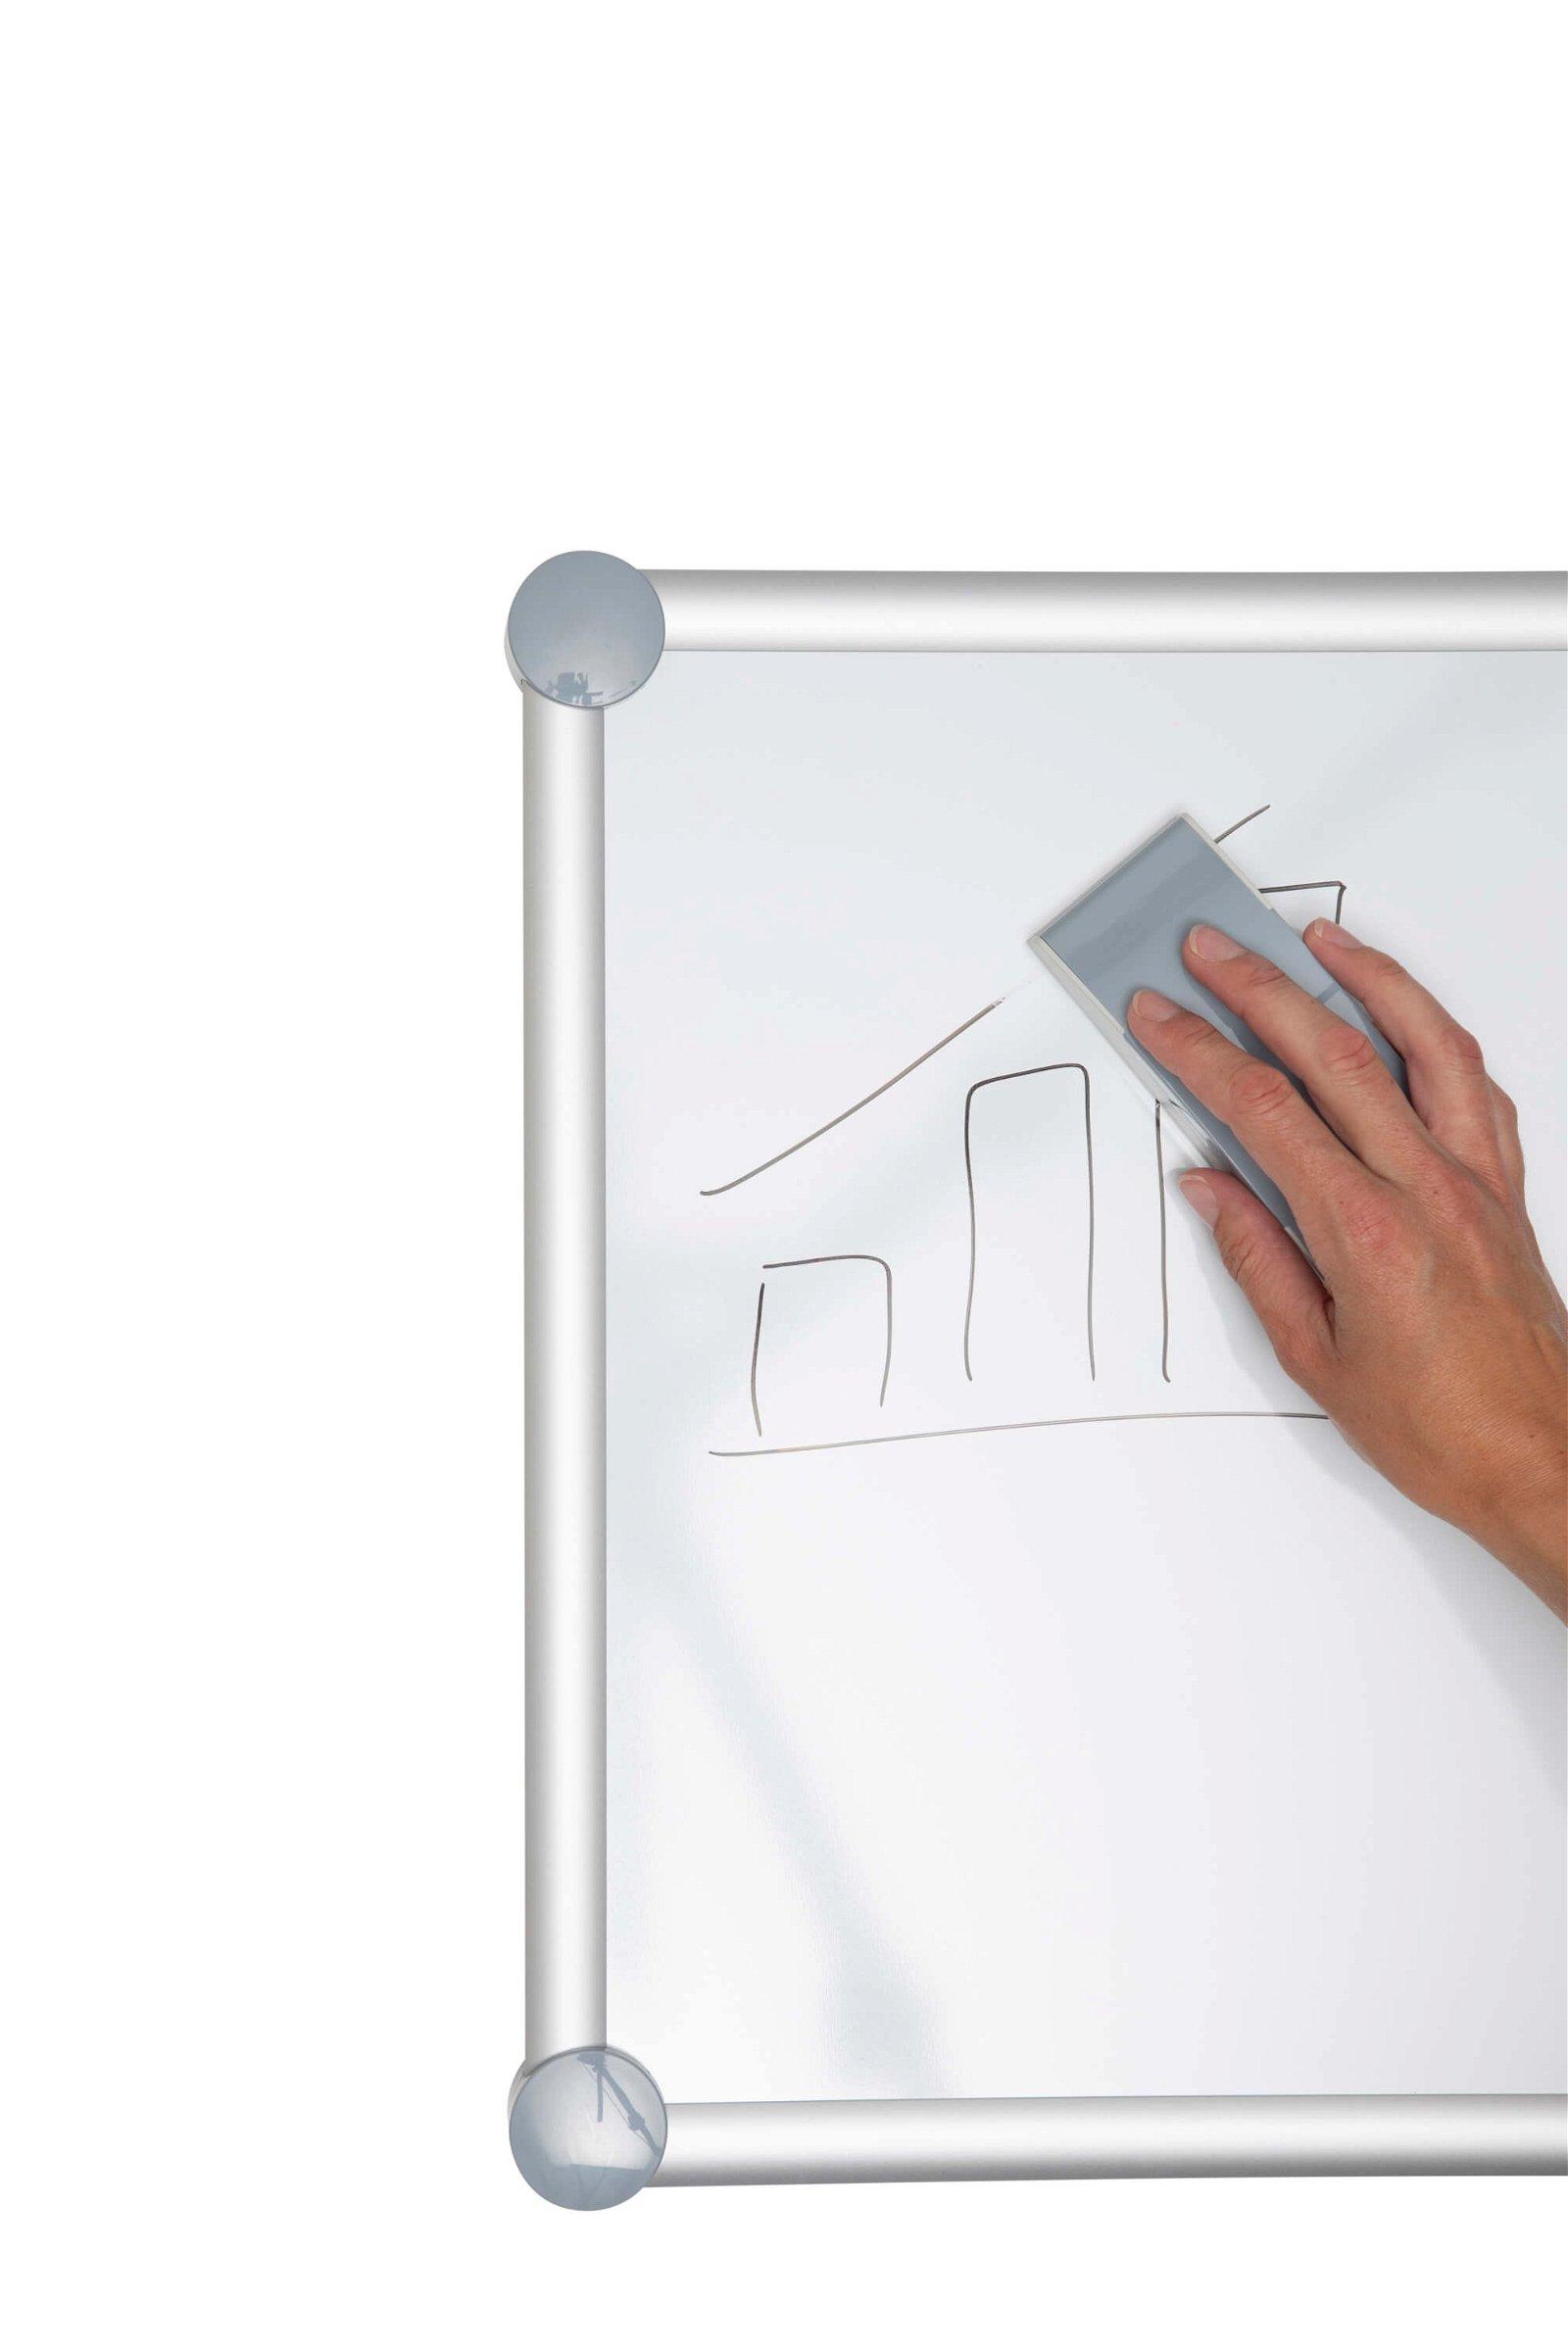 Tafelwischer mit Vlies-Spann- einrichtung, grau